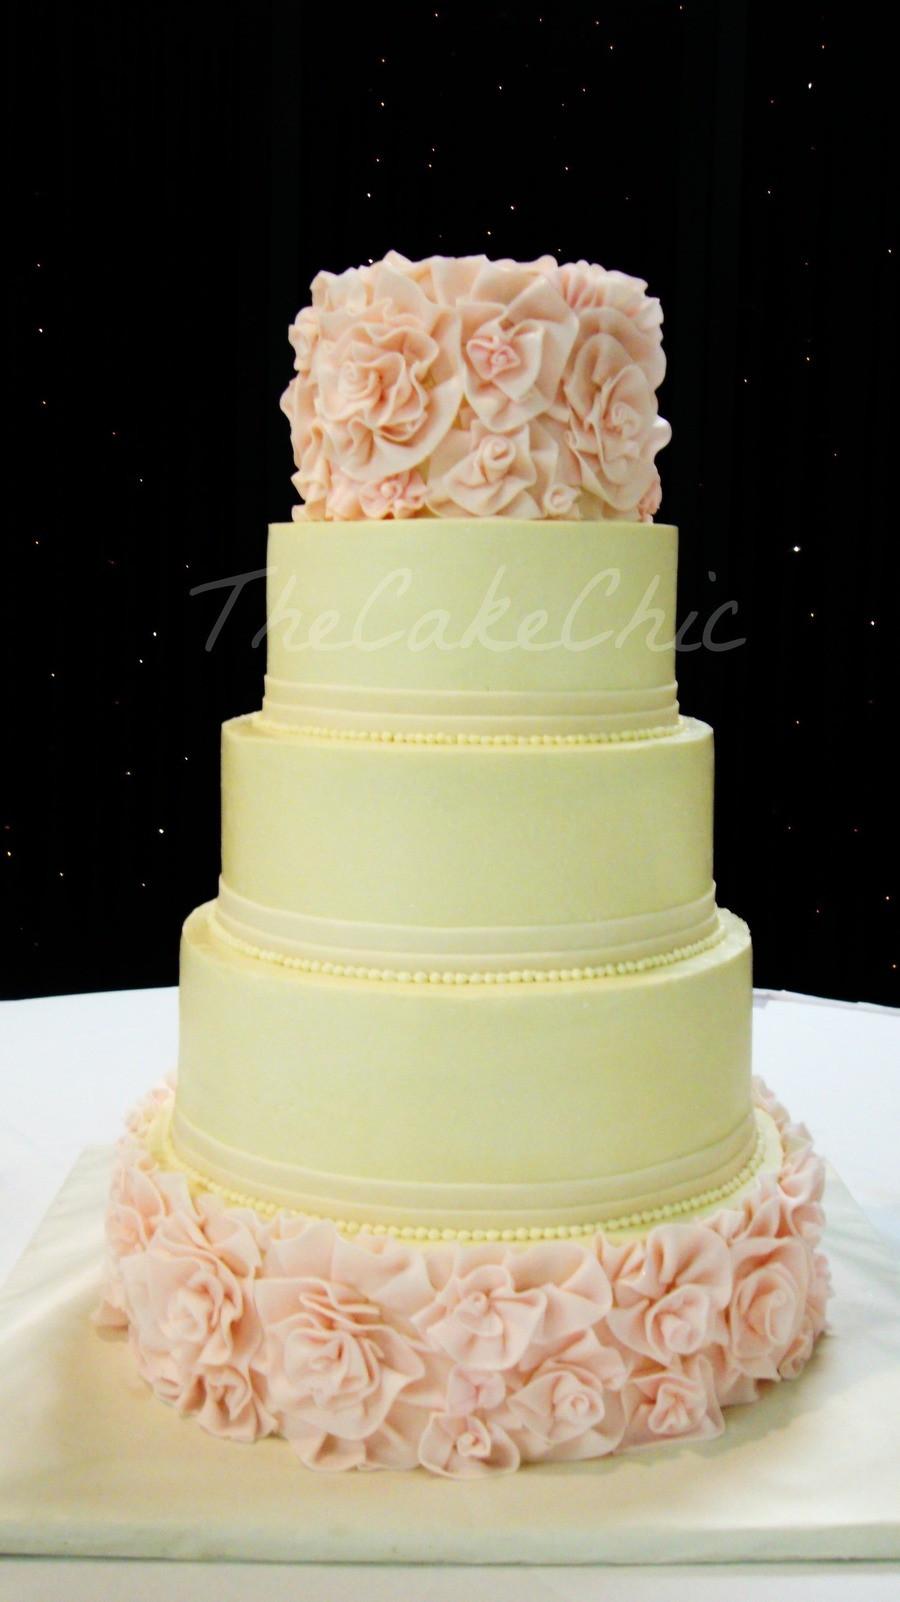 Vanilla Wedding Cakes  Ivory And Blush Flower Ruffle Wedding Cake From Bottom